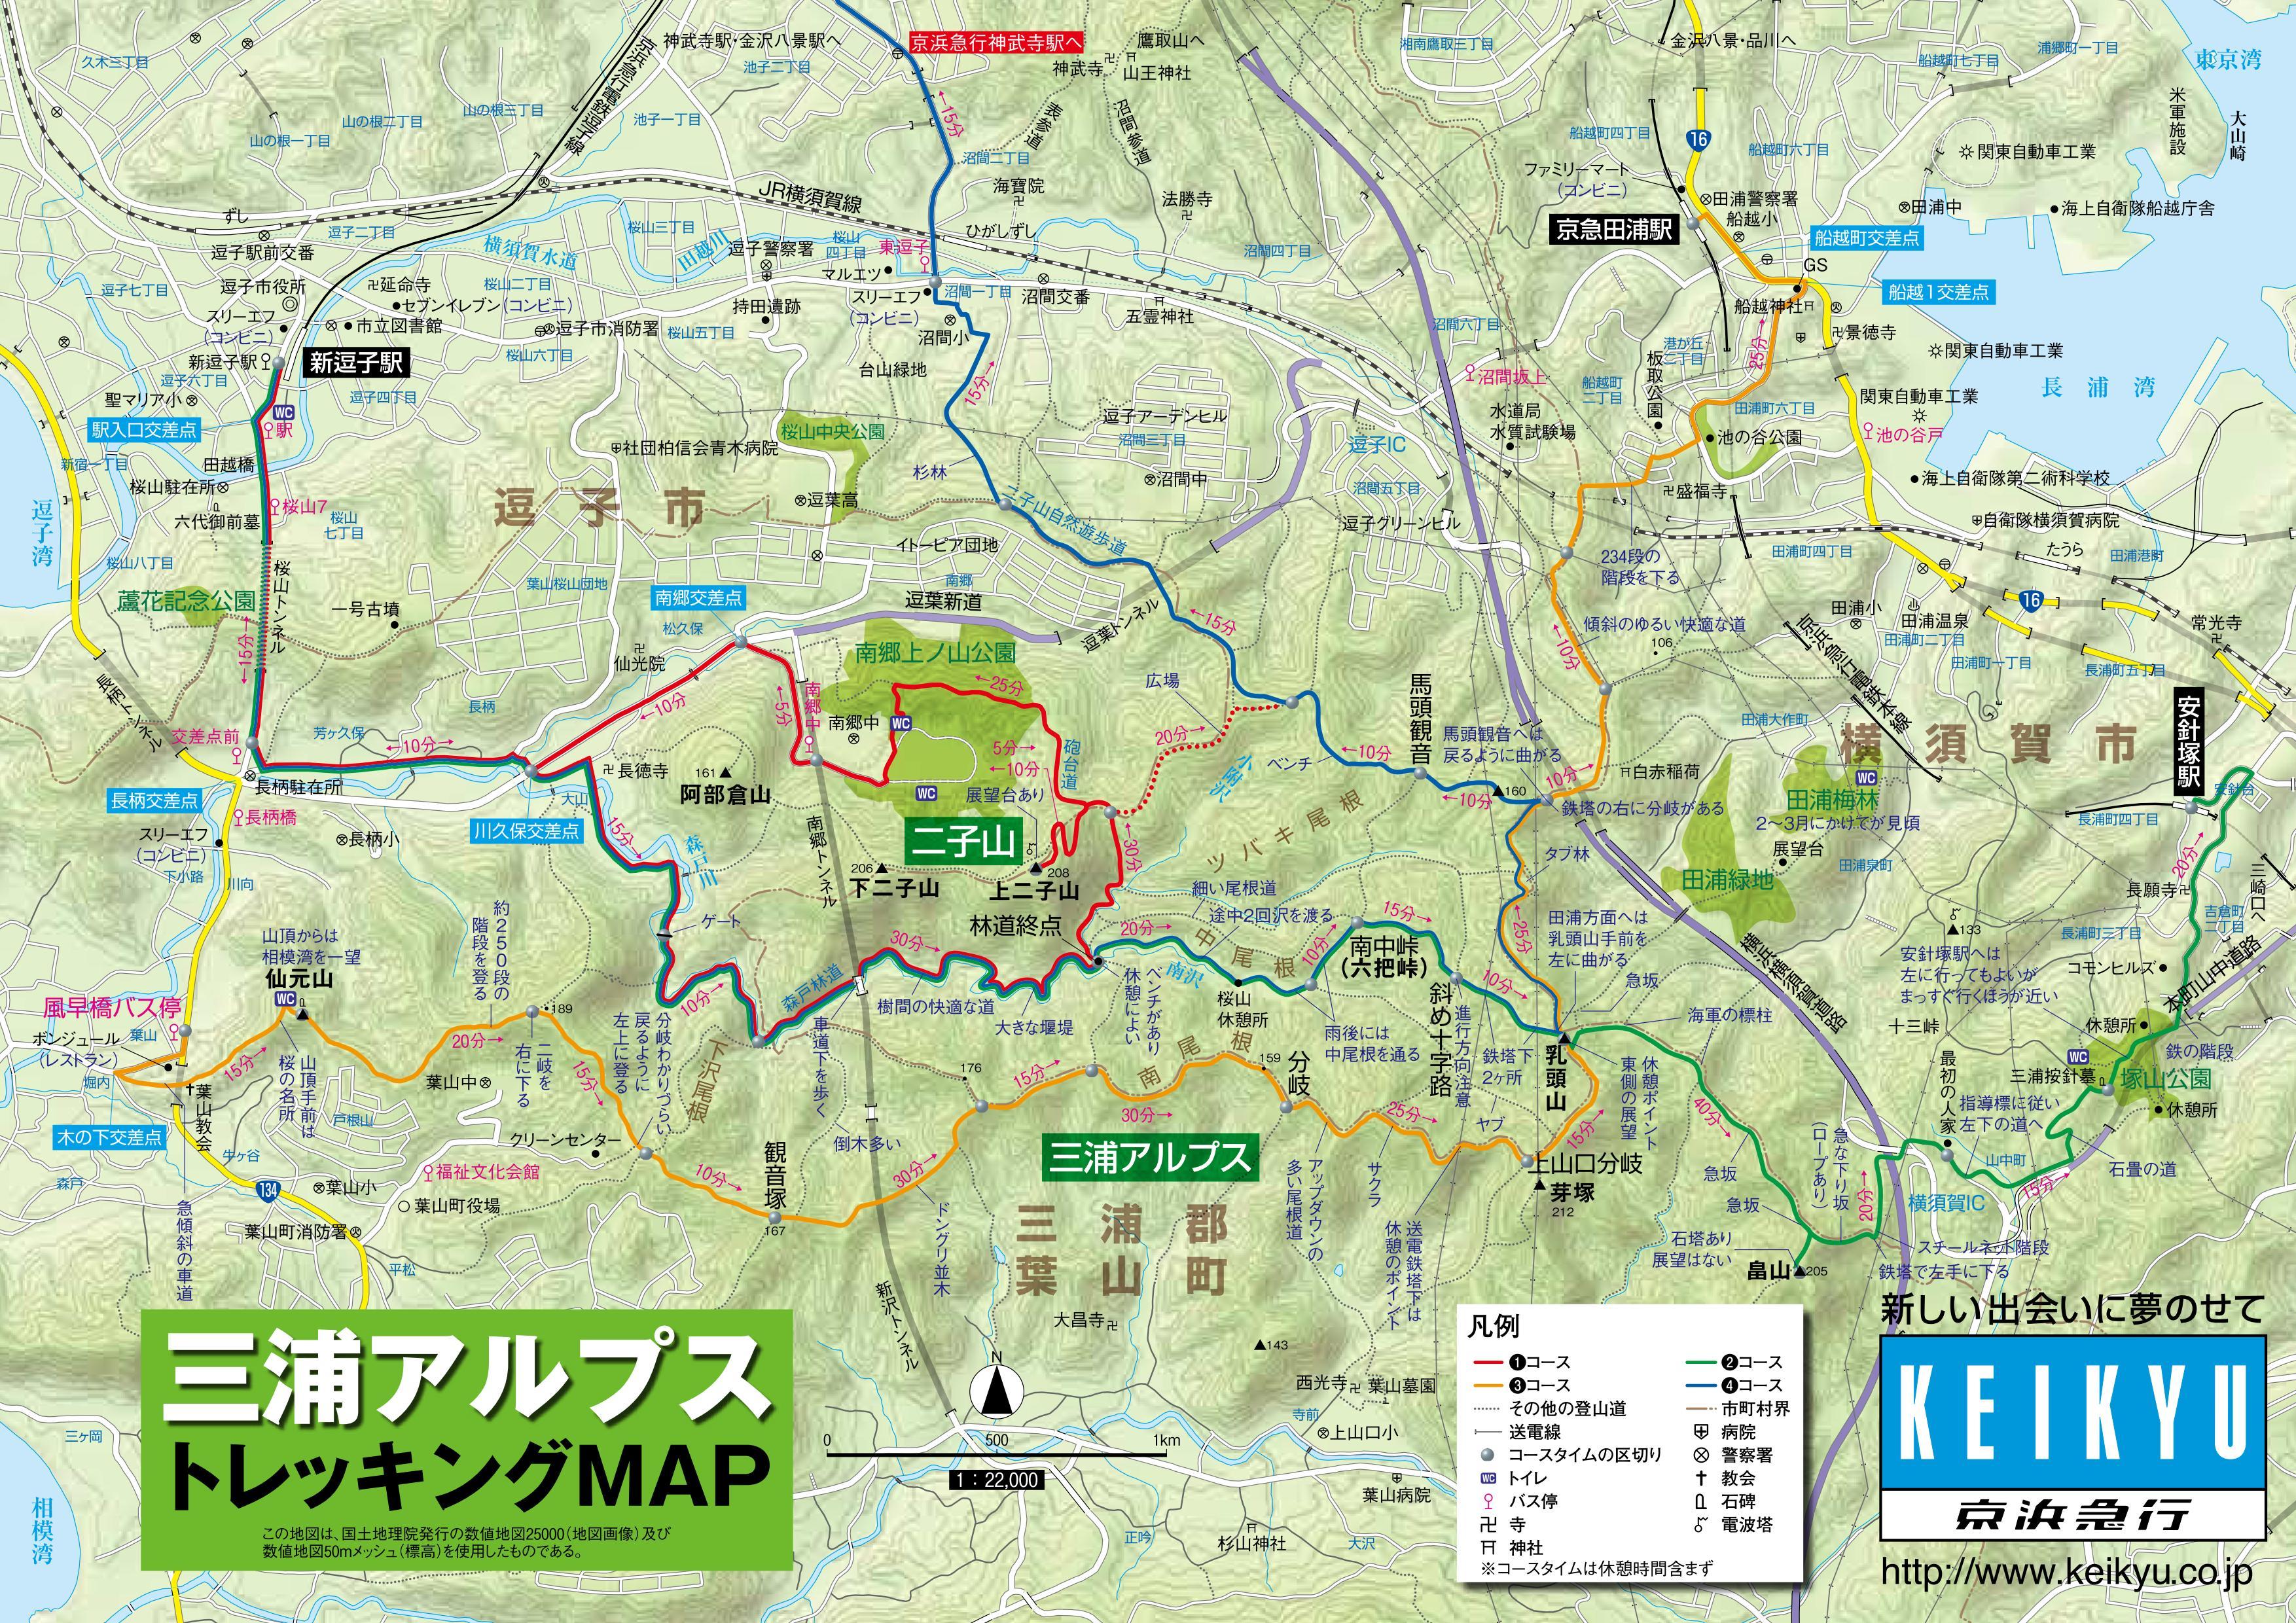 miuraalpsmap_01.jpg